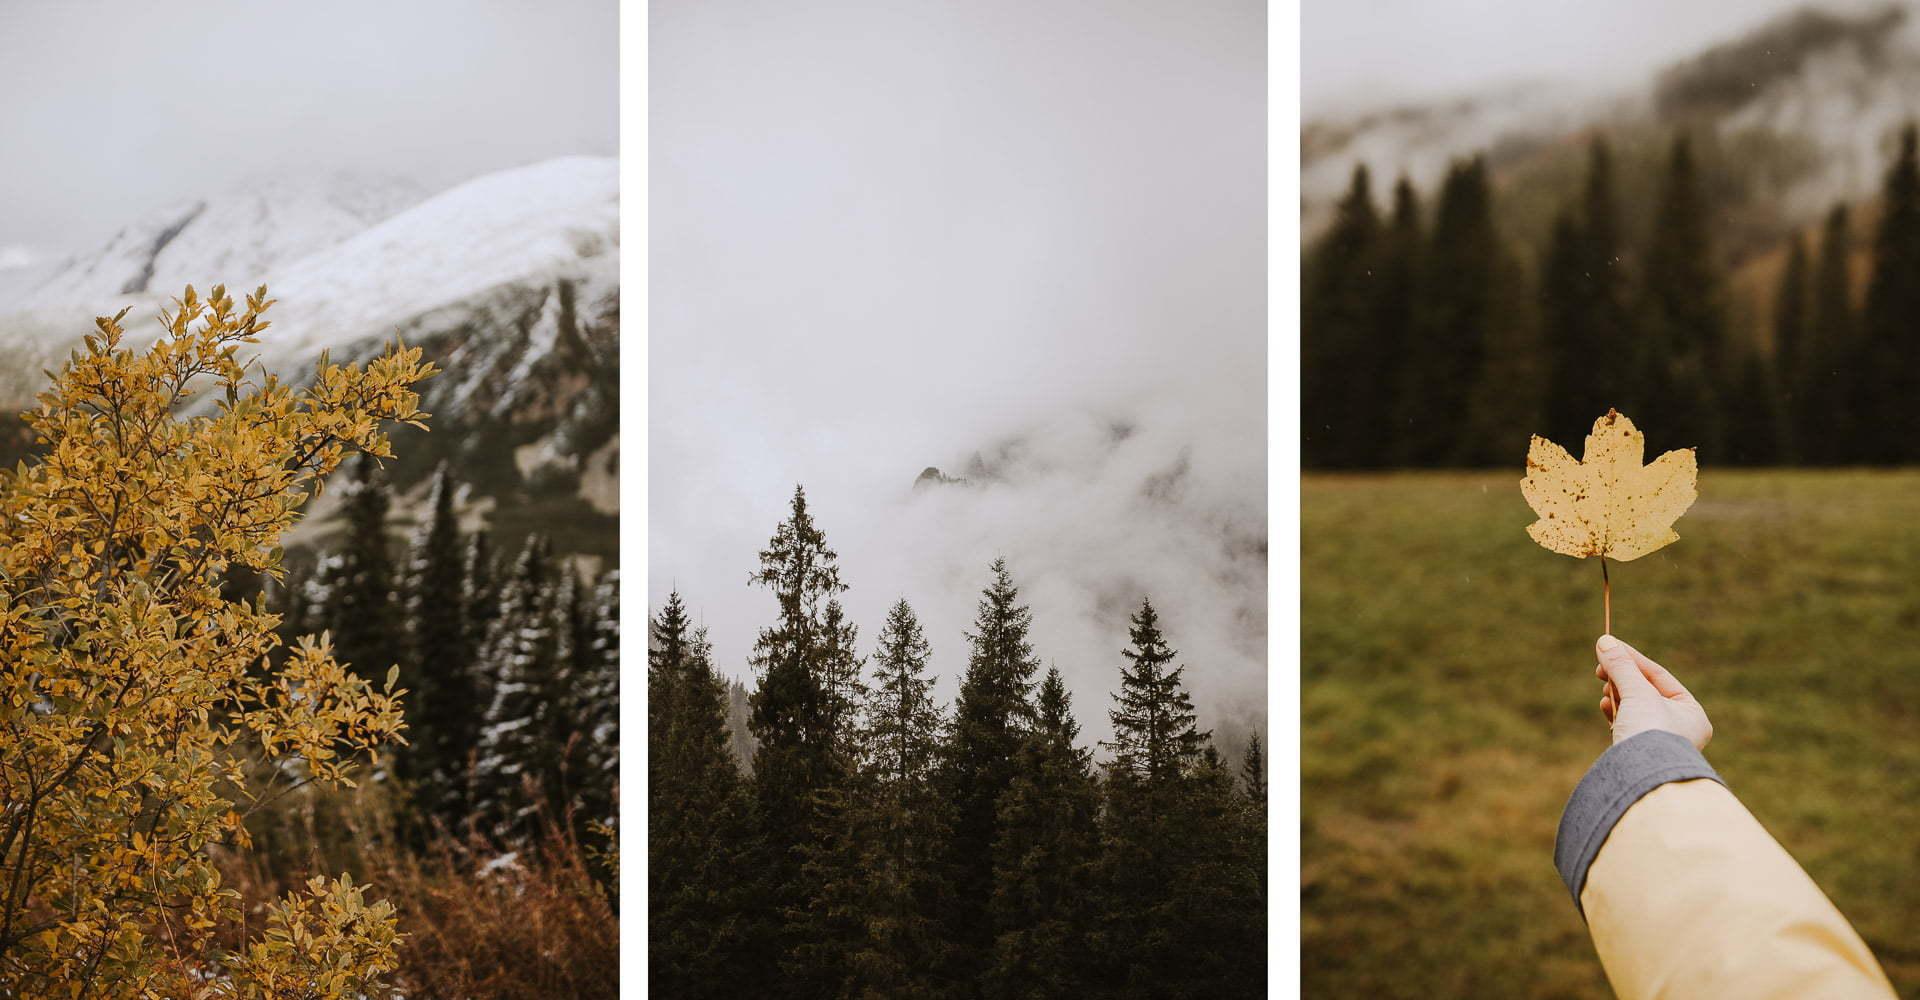 Pomysły najesienne zdjęcia - Tatry